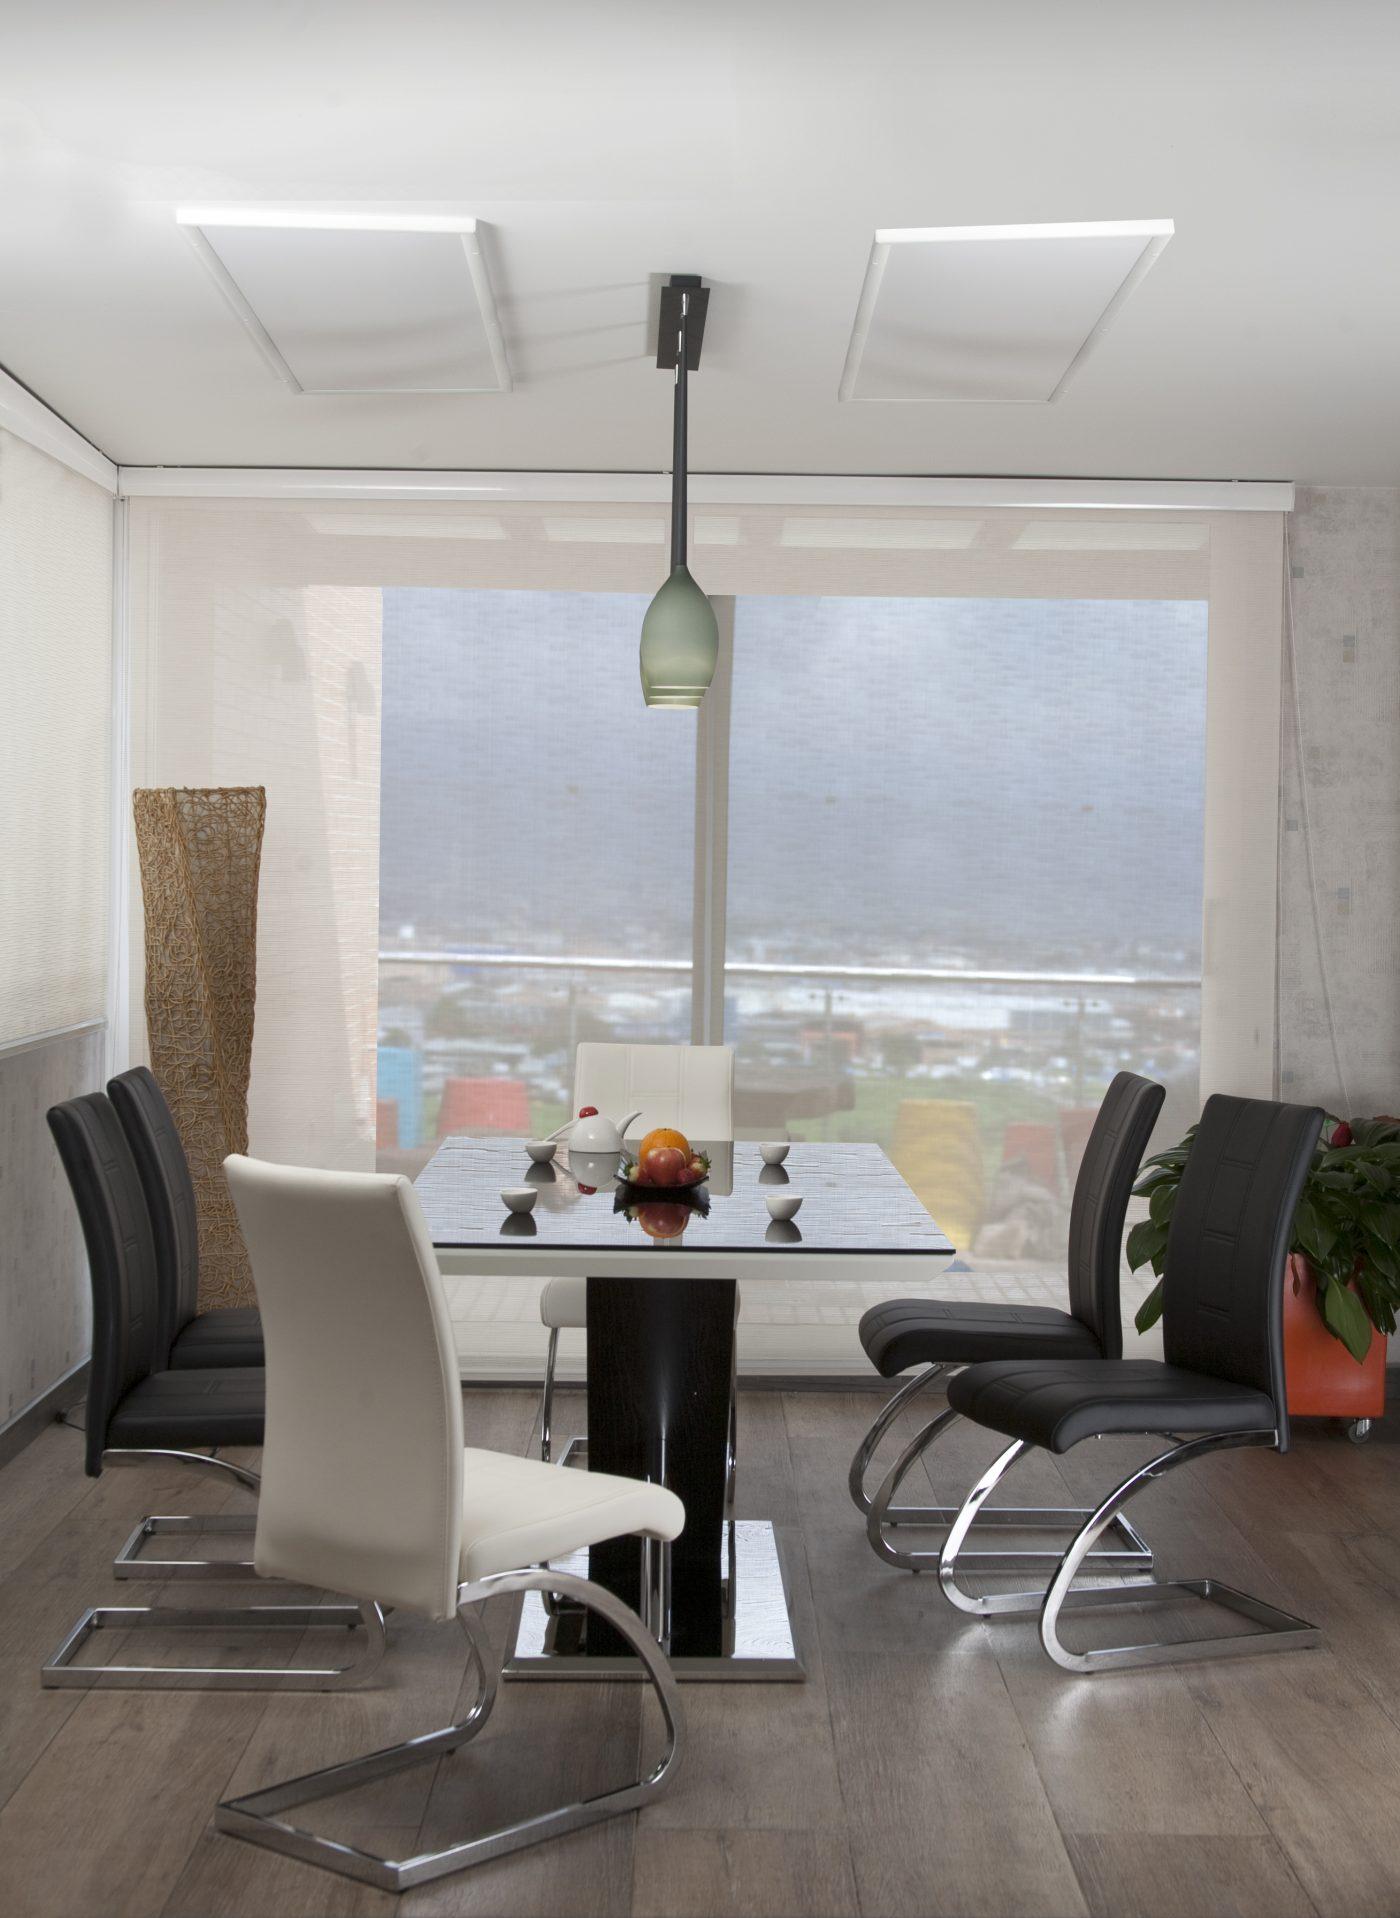 Mesa comedor Living - Elegant House Mesa comedor Living